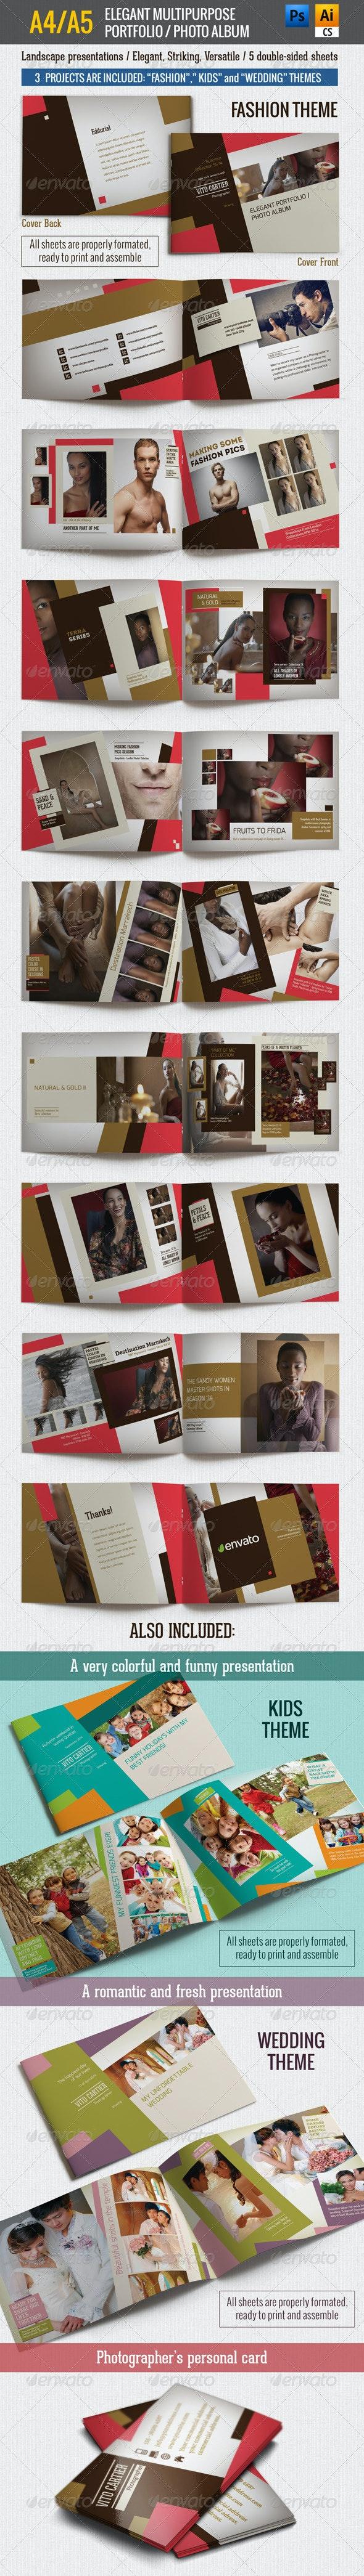 A4/A5 Elegant Multipurpose Portfolio / Photo Album